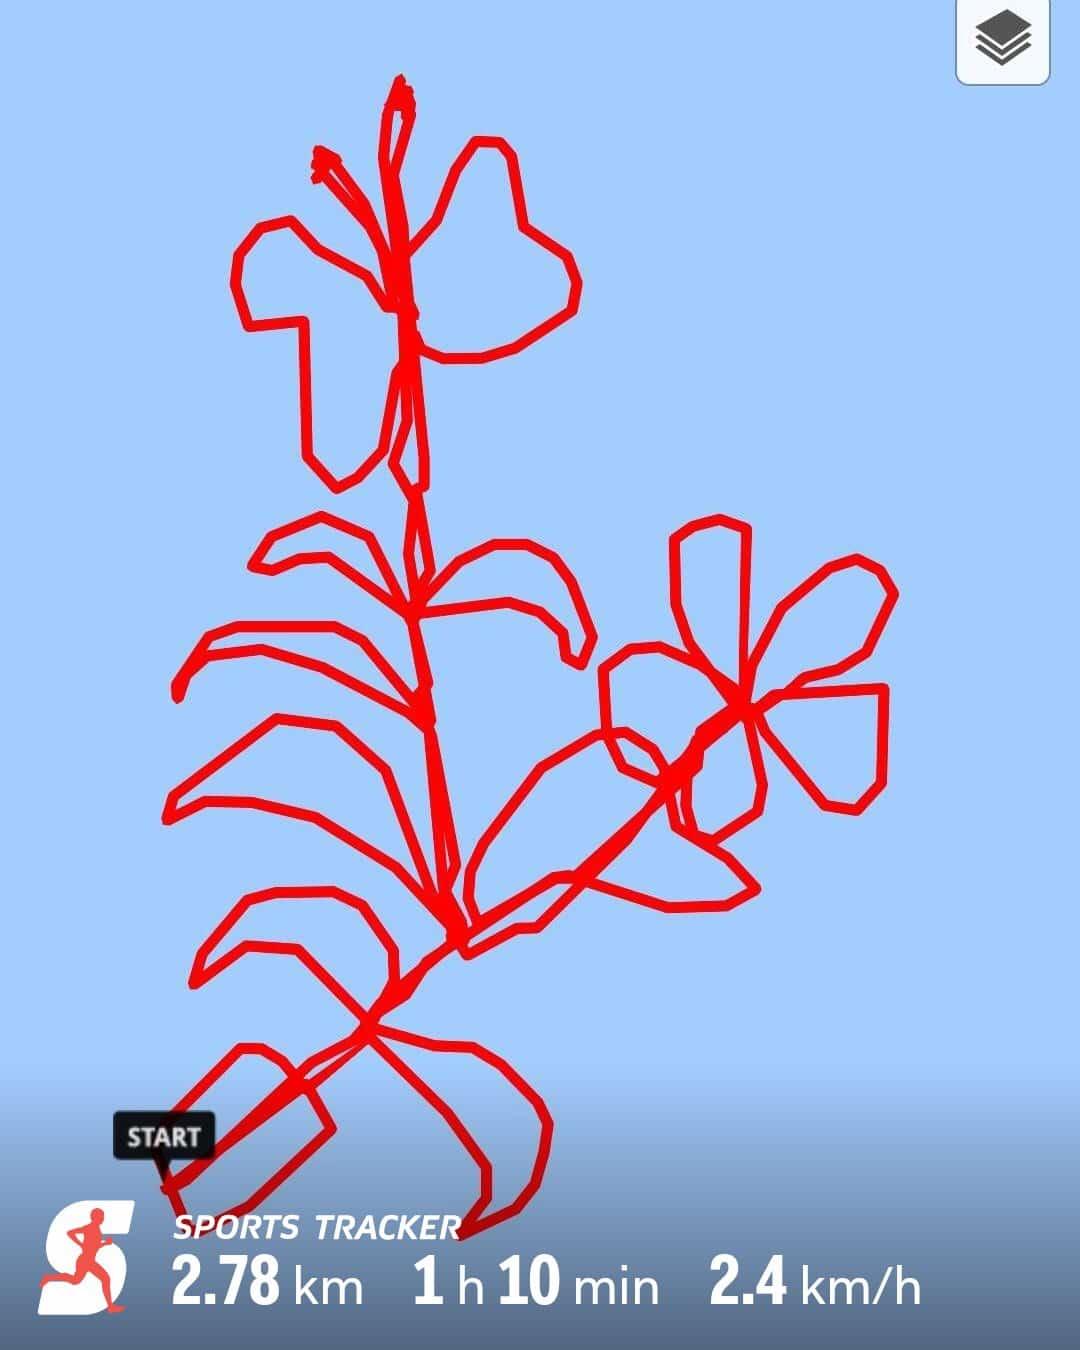 sports tracker plan a route flower sports tracker